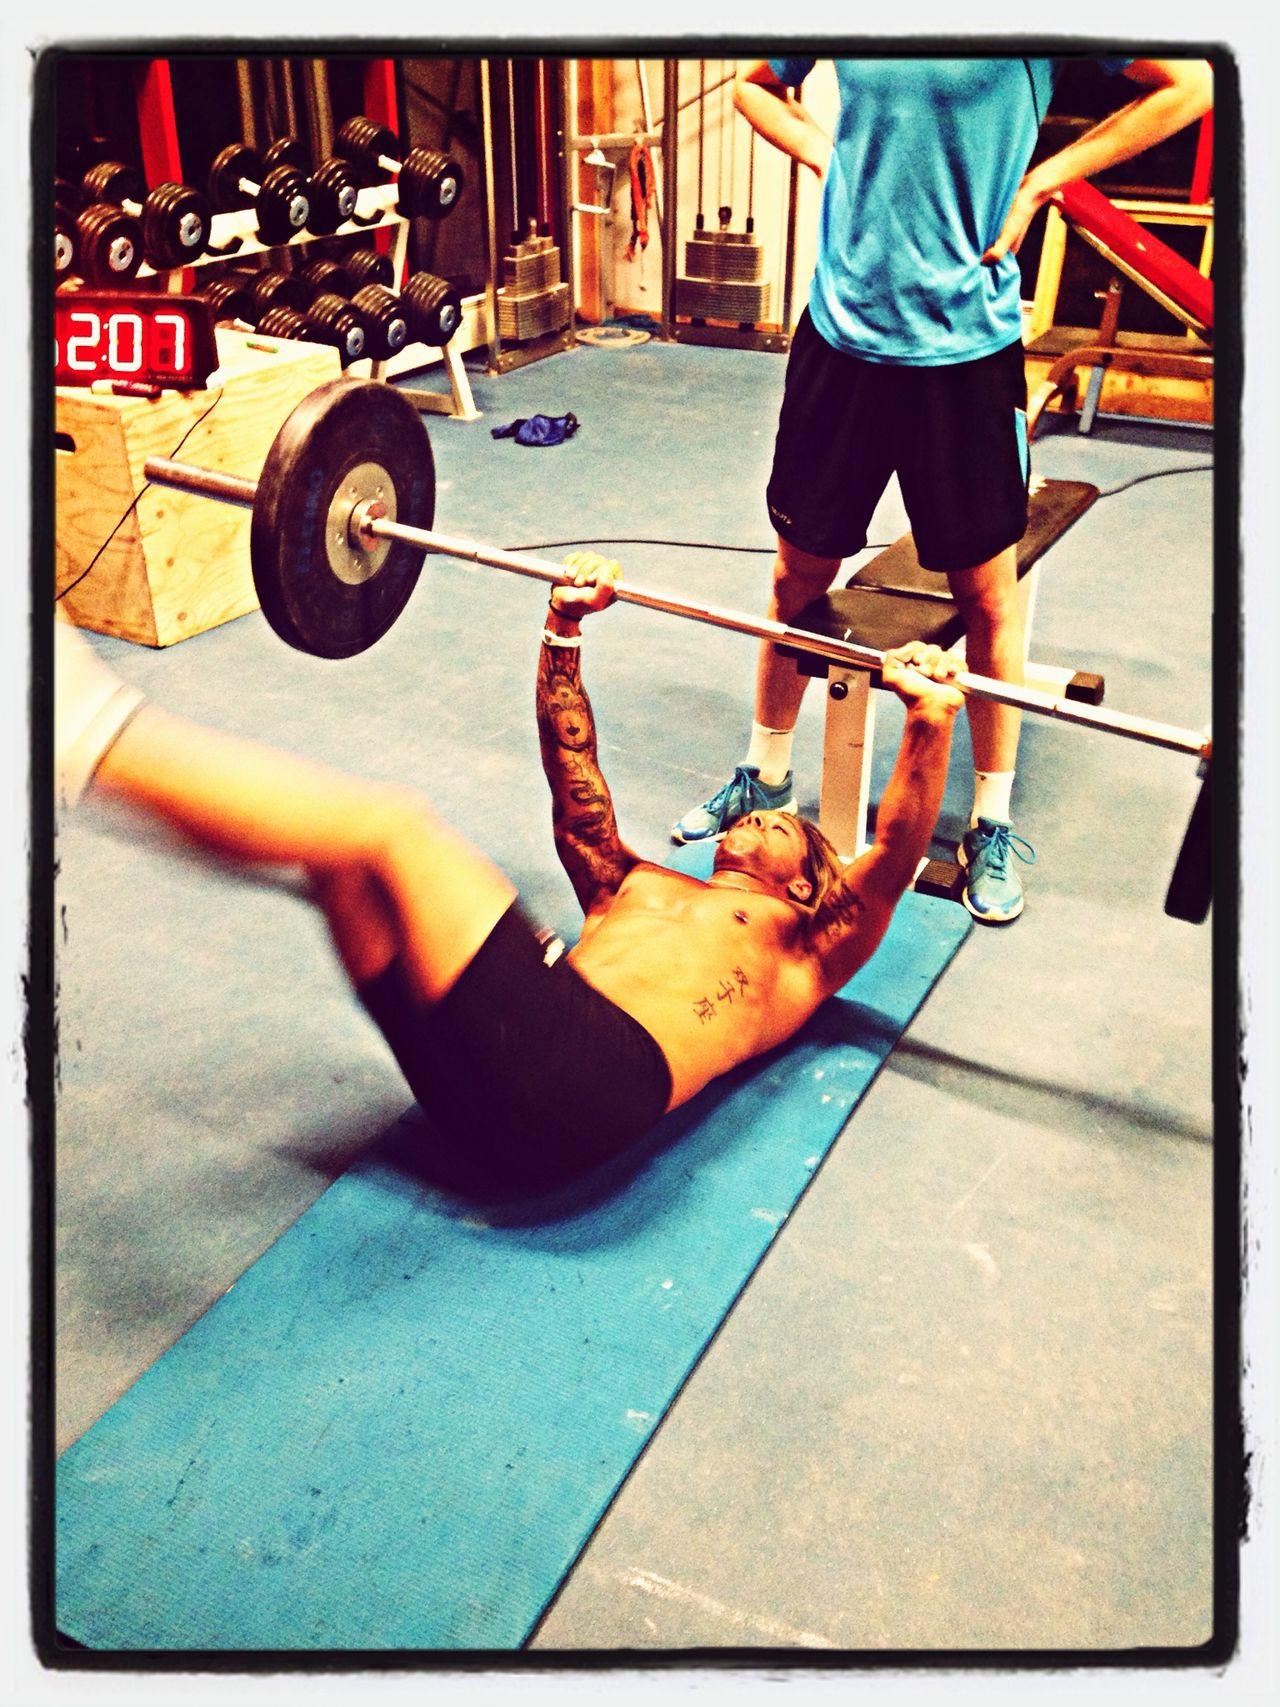 Crossfit Abs Gym Eleiko